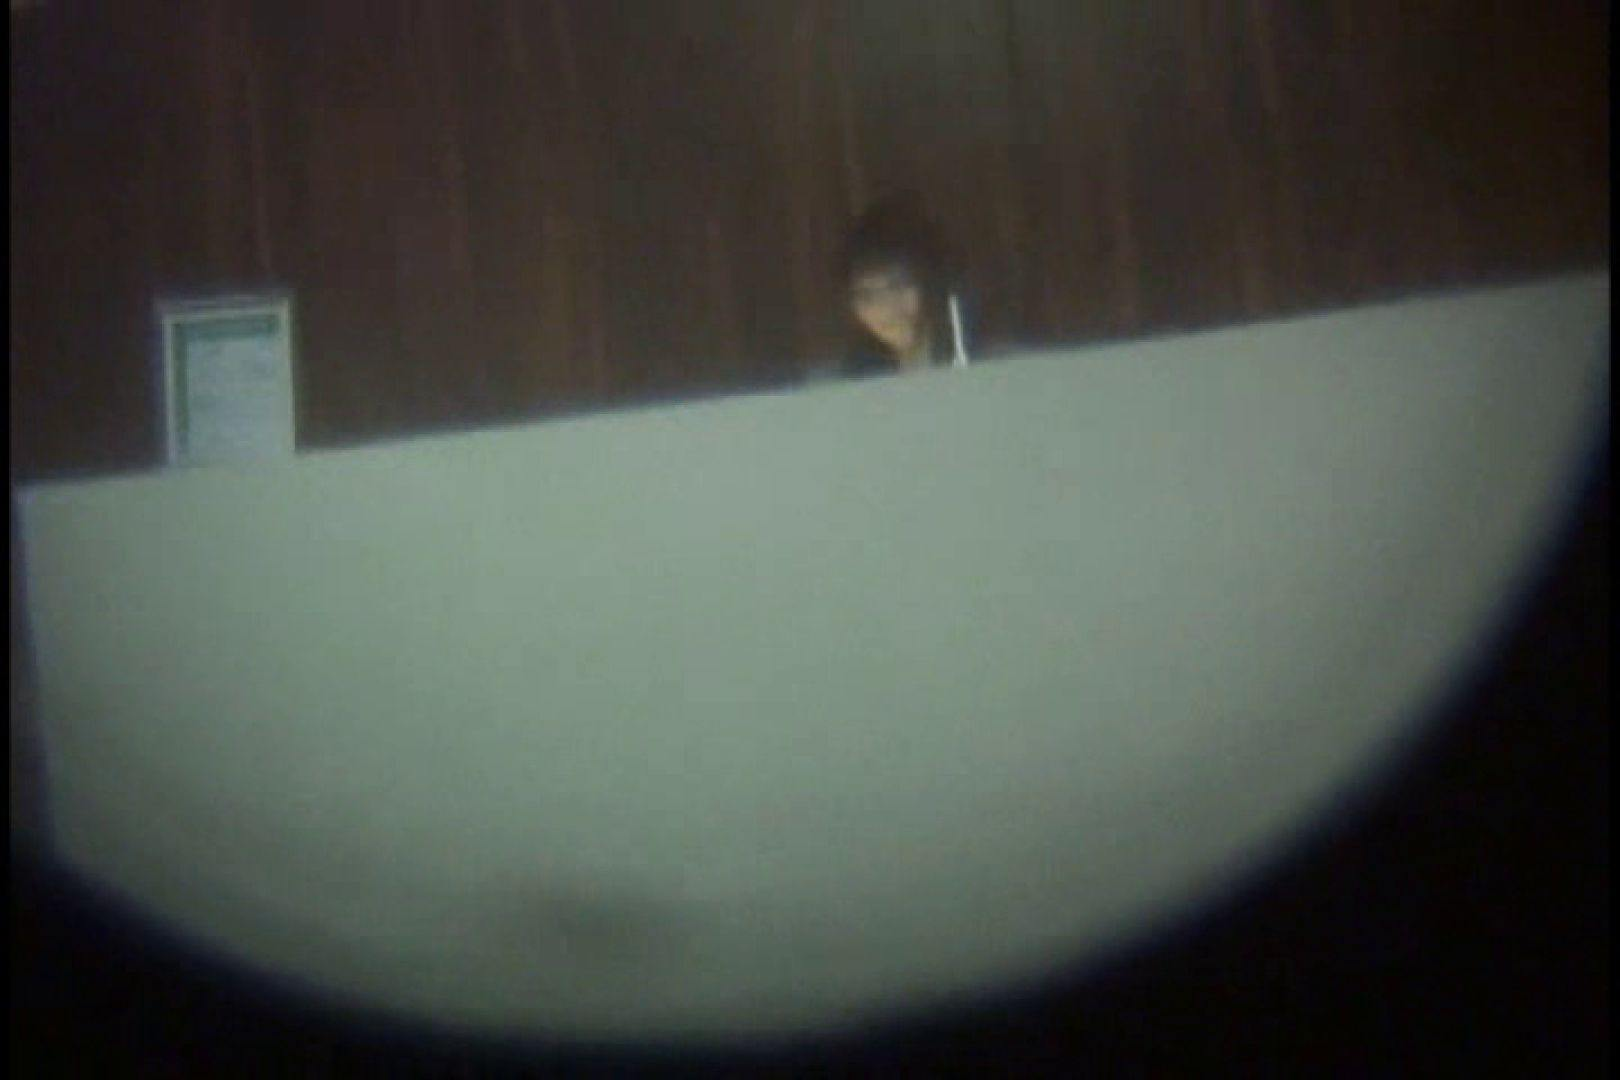 ワークウーマンシェアリング vol.068 盗撮動画 | おまんこ大好き  9枚 5